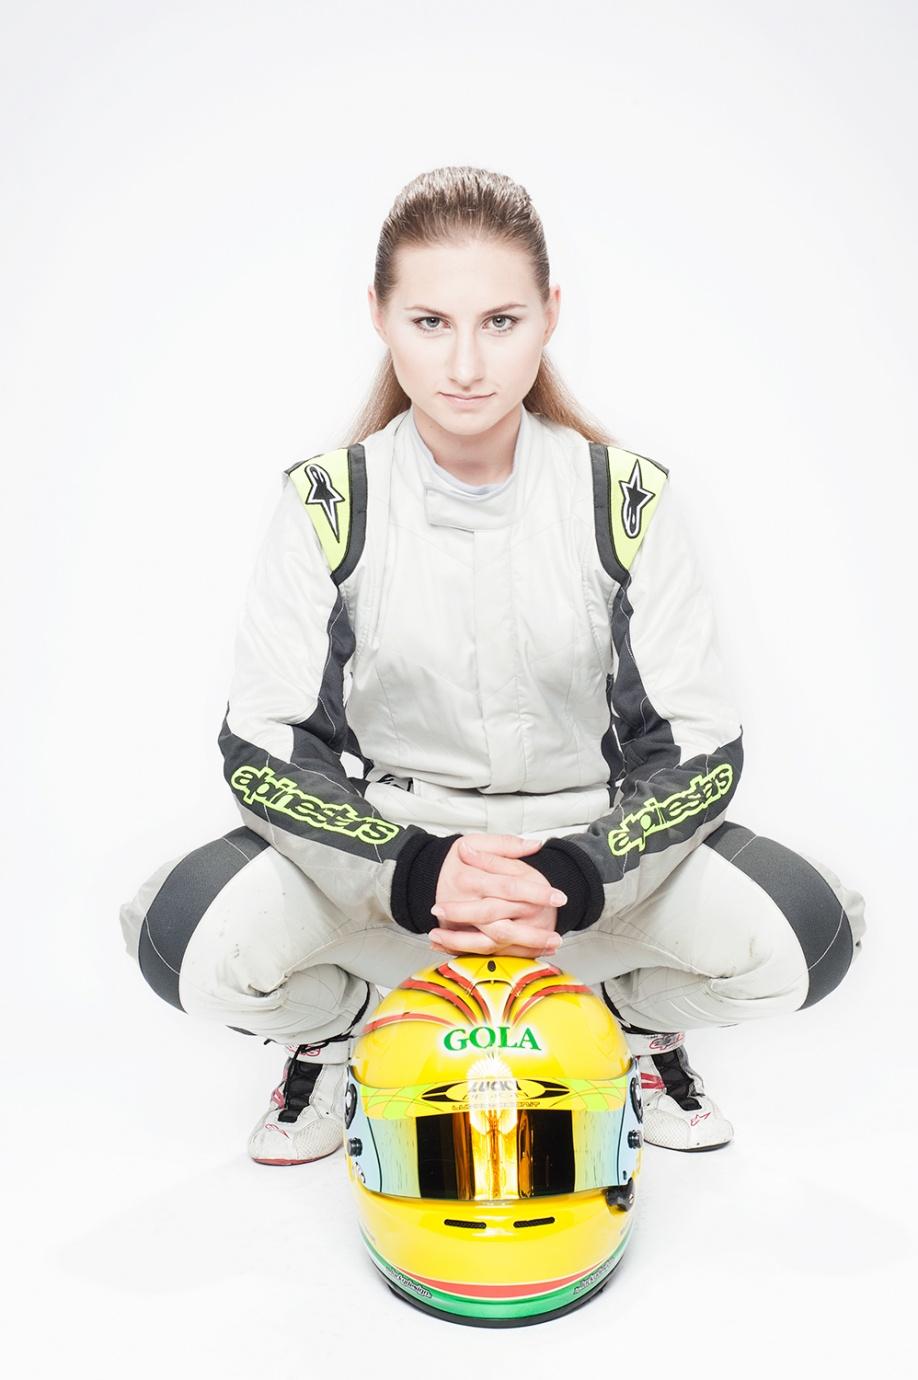 Gosia Rdest Jedyną Kobietą W Formule 4